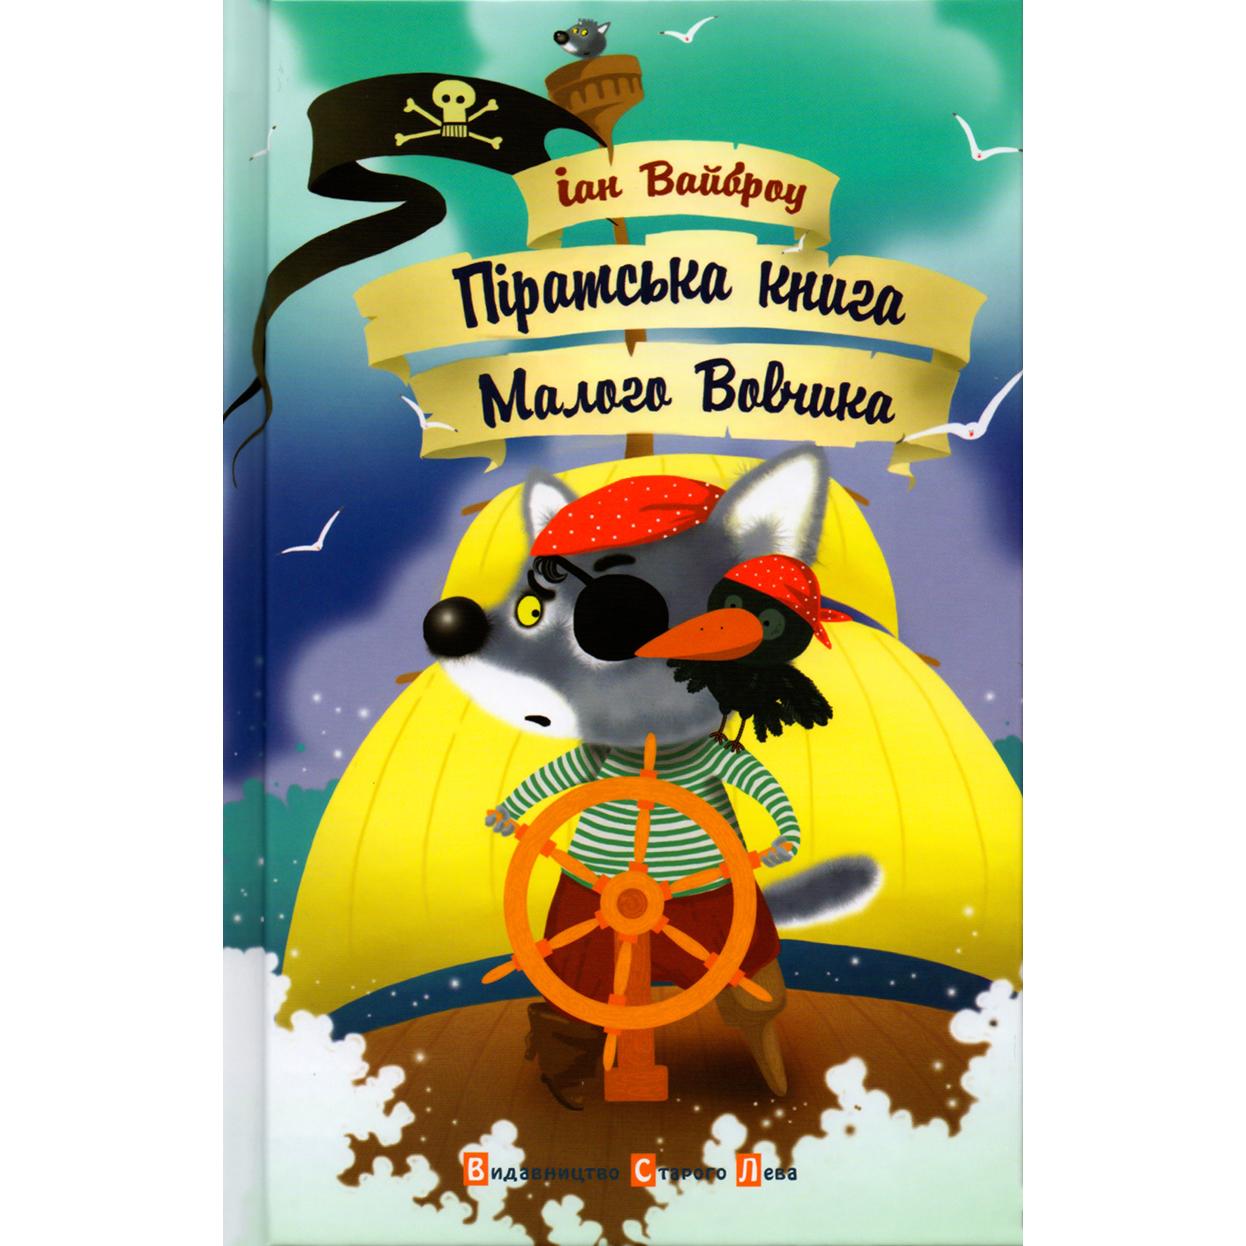 Купити дитячу книгу Піратська книга малого Вовчика, Іан Вайброу, ВСЛ| Bukio